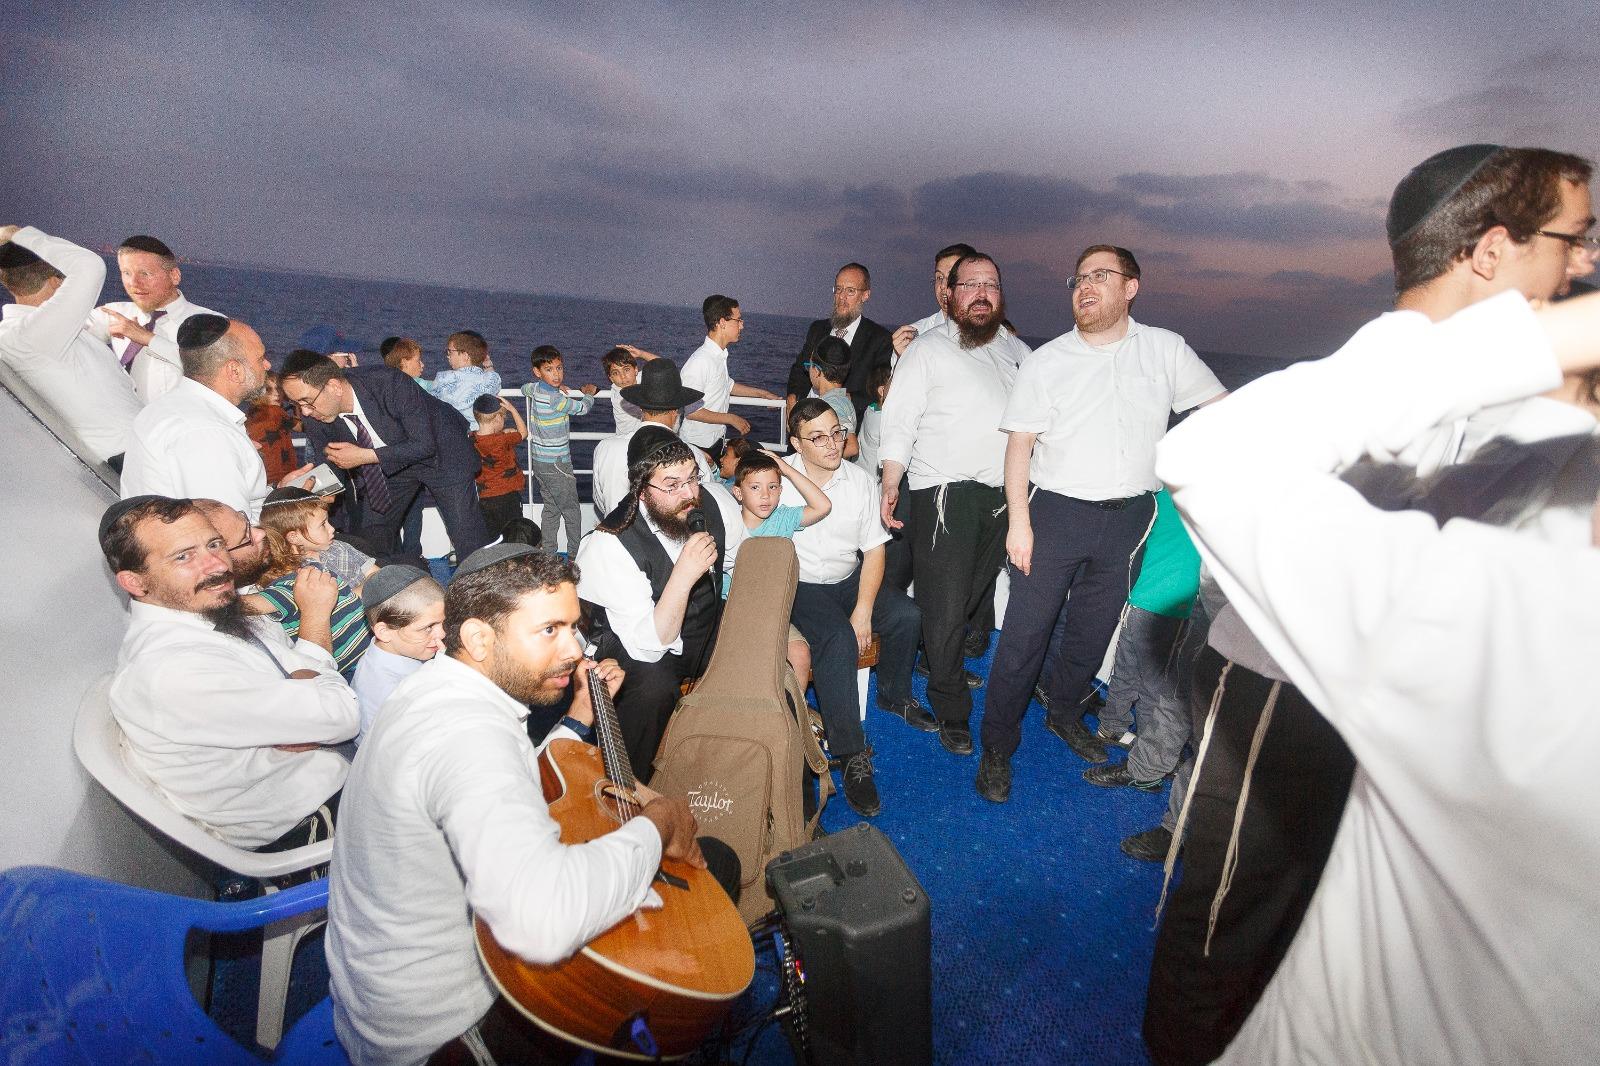 סיום מסכת ופתיחת בין הזמנים: צפו בסיום שנערך בשיט באוניה